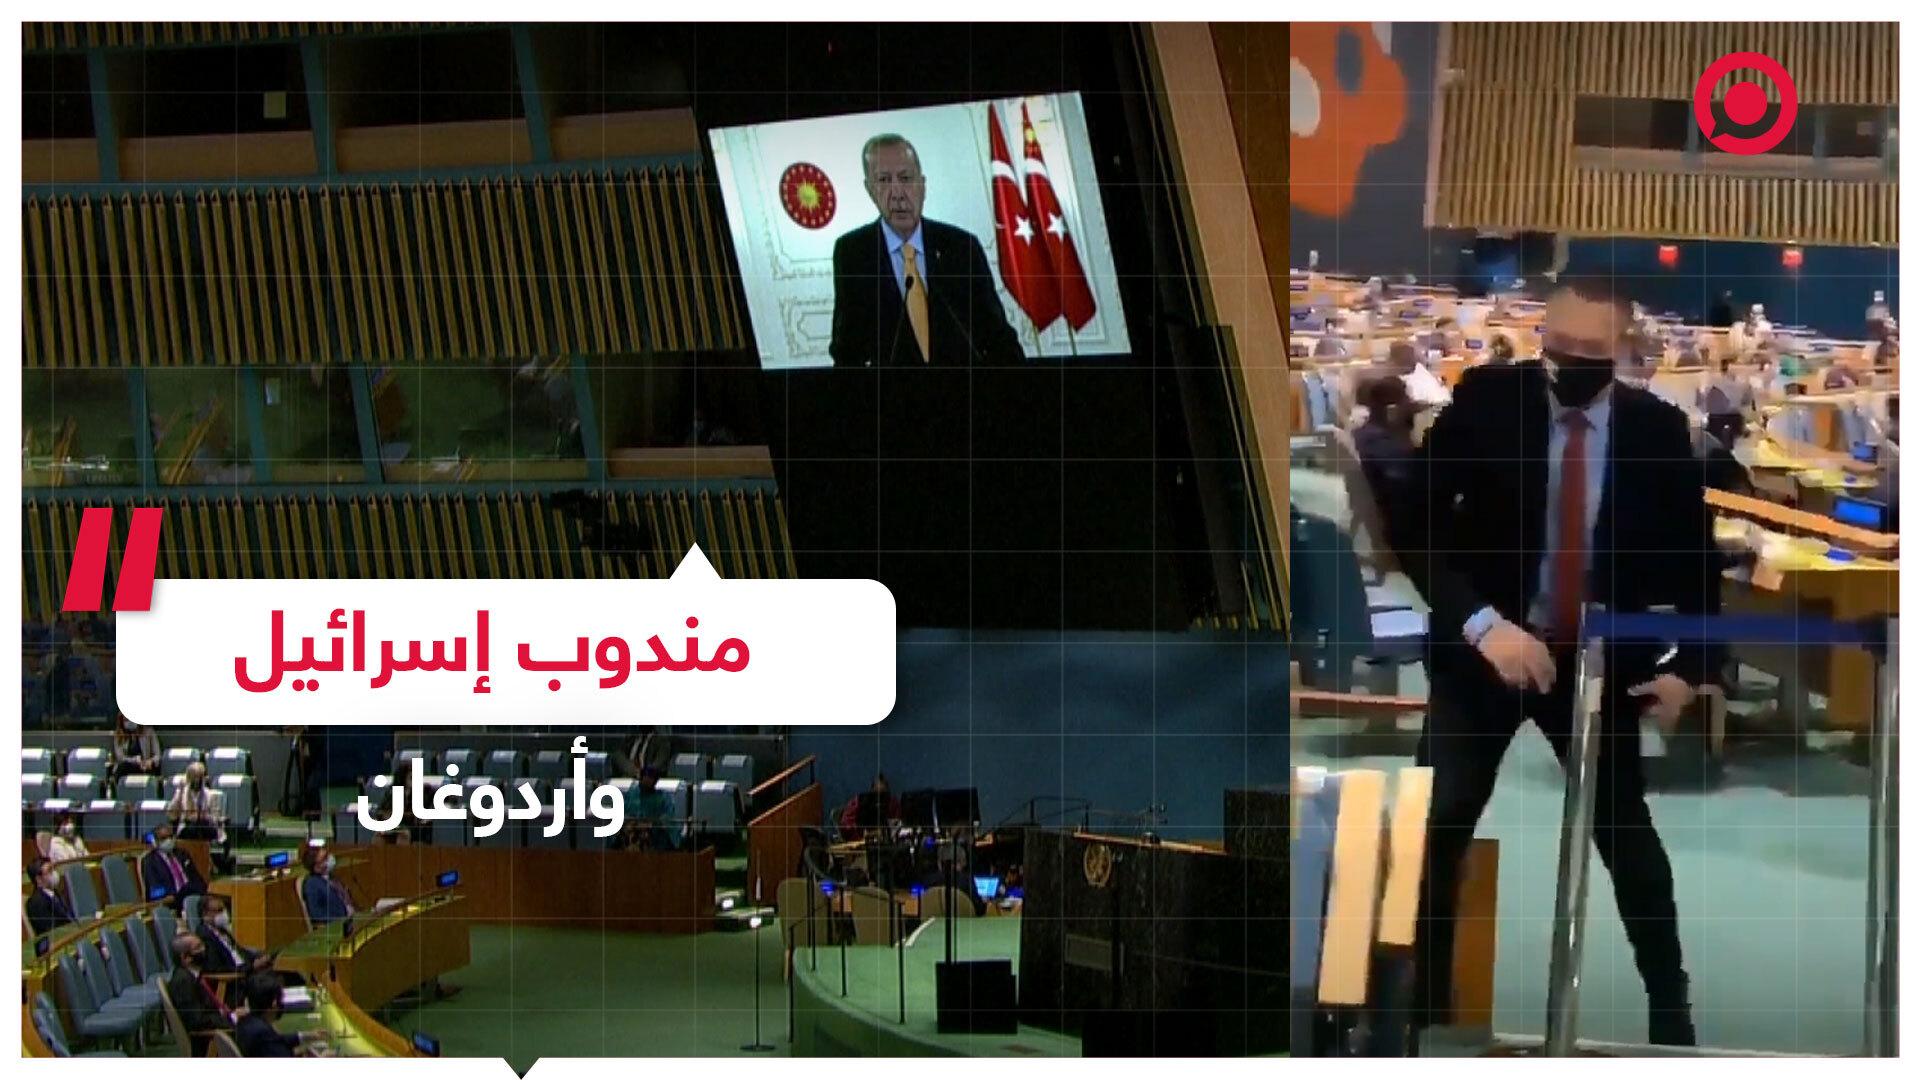 المندوب الإسرائيلي يغادر القاعة الأممية خلال كلمة أردوغان